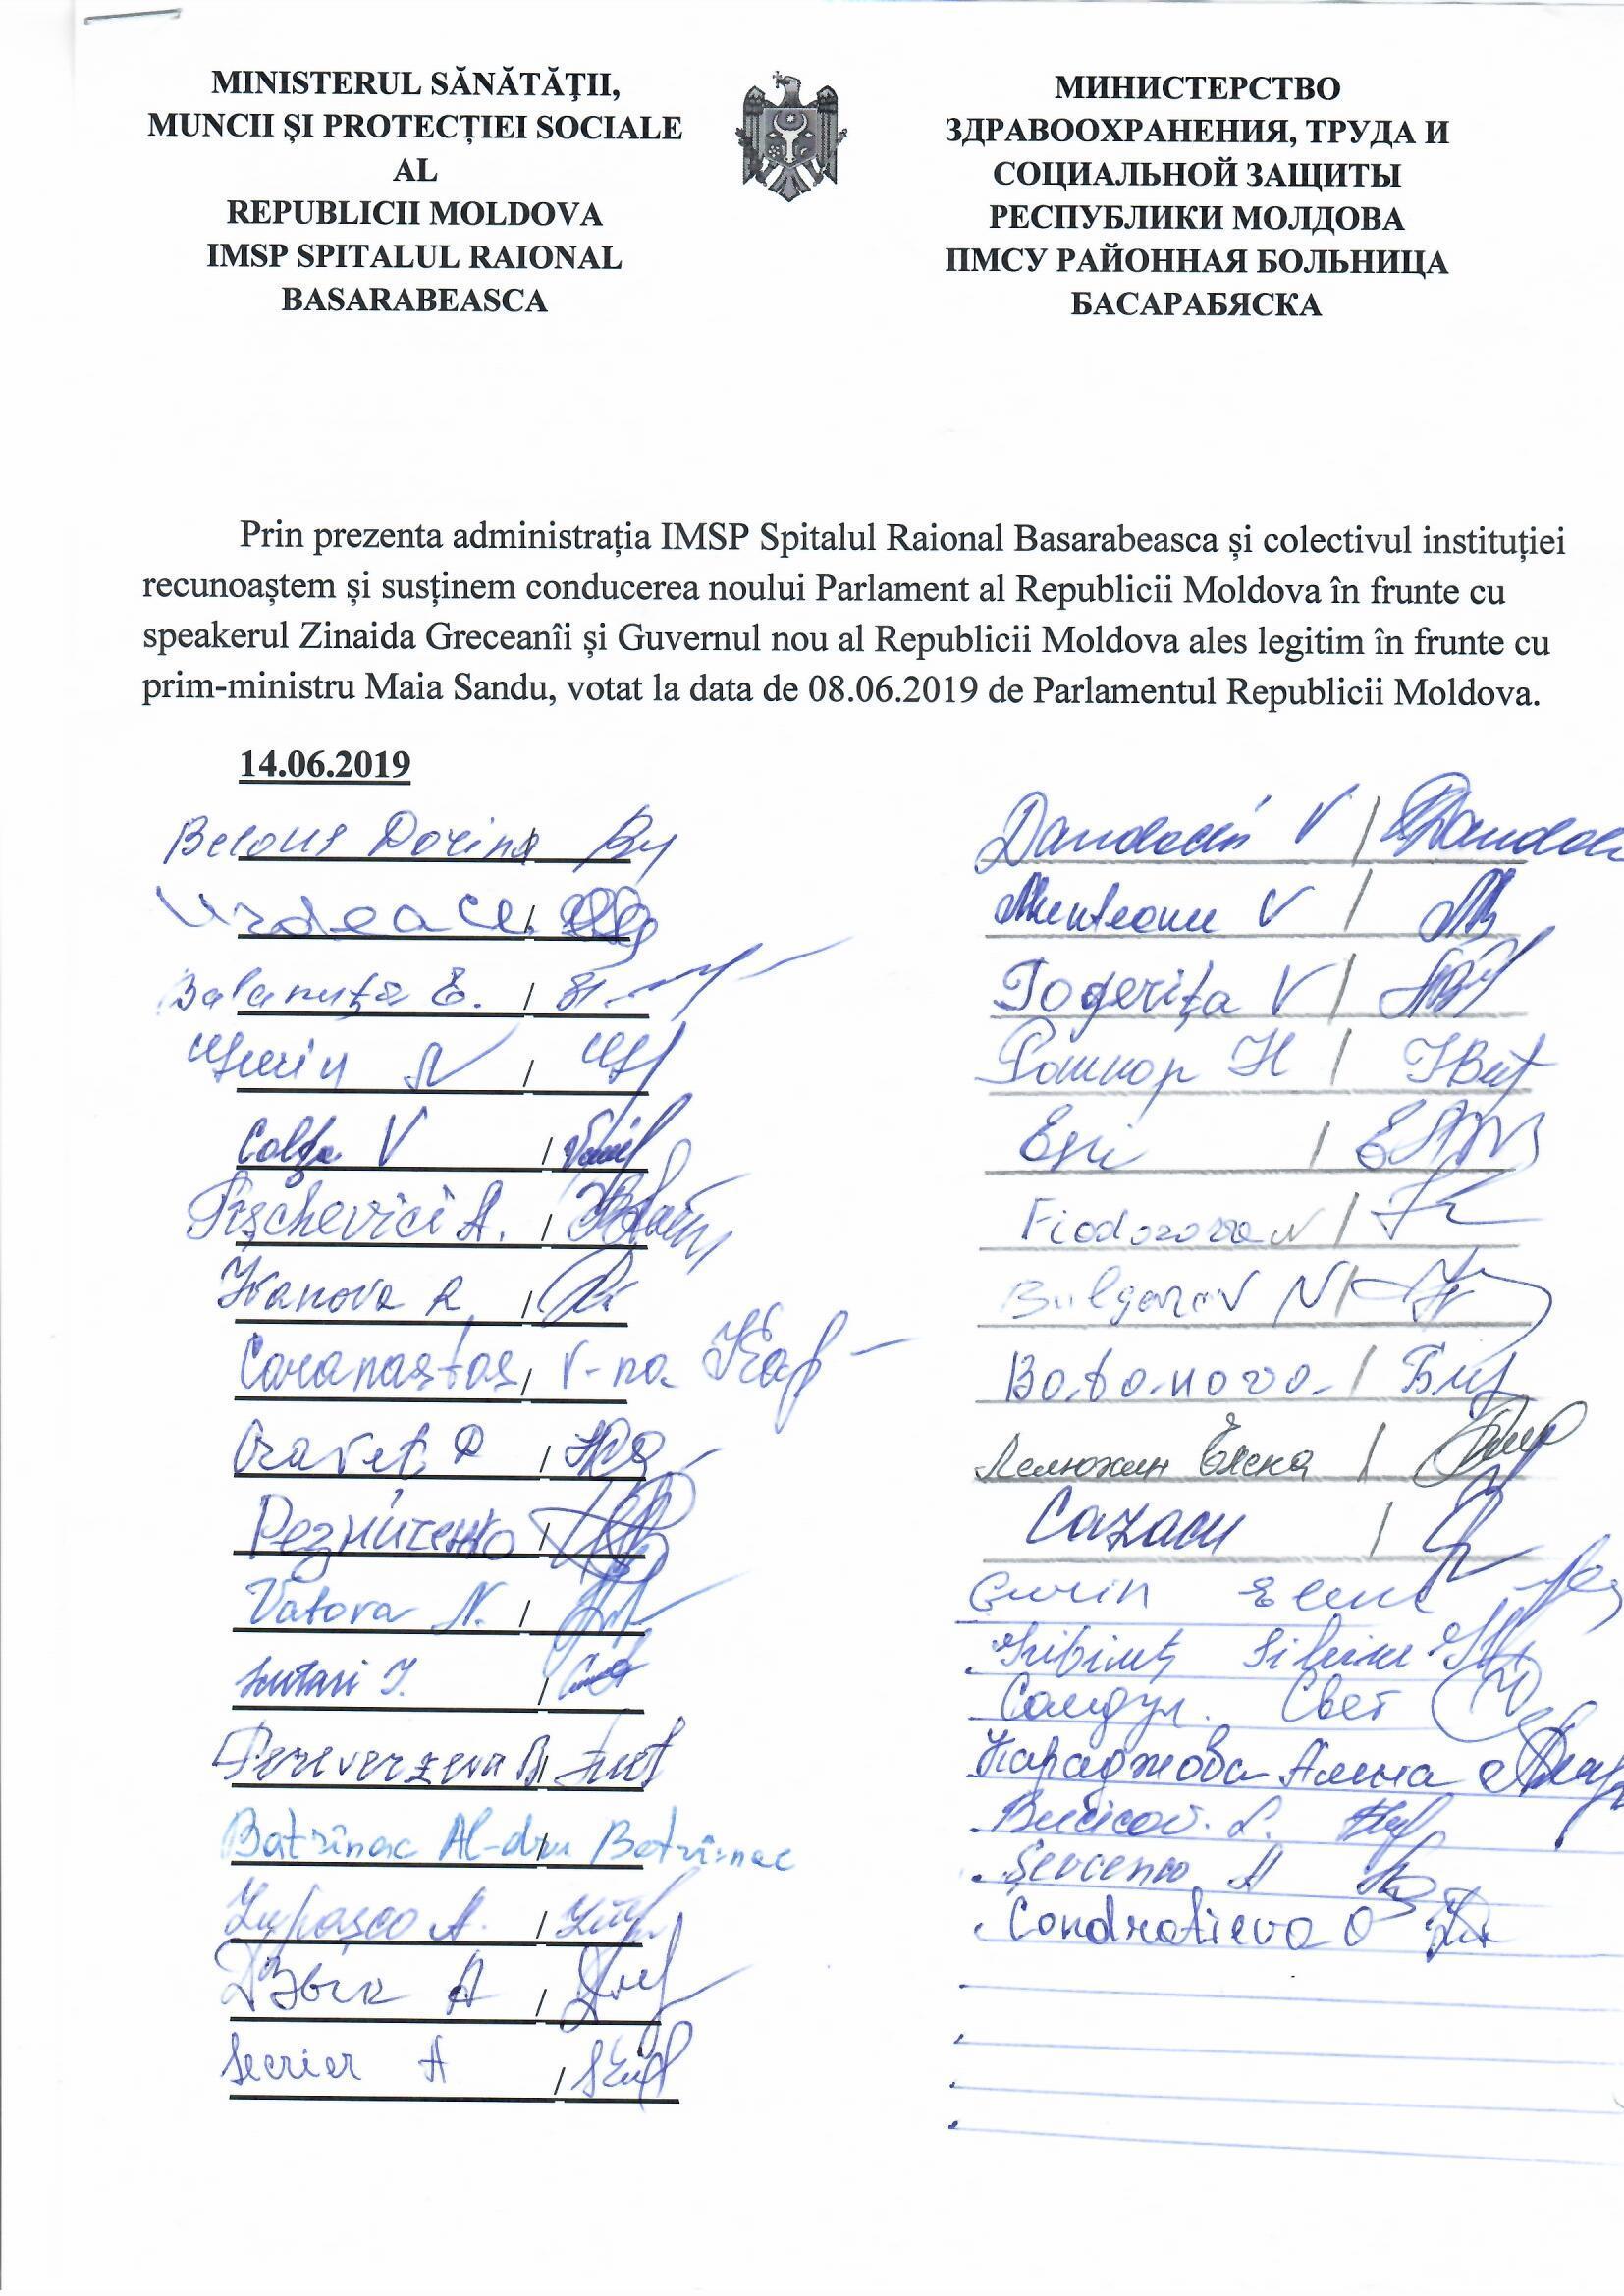 Декларация в поддержку легитимного парламента и правительства ПМСУ районной больницы Басарабяска